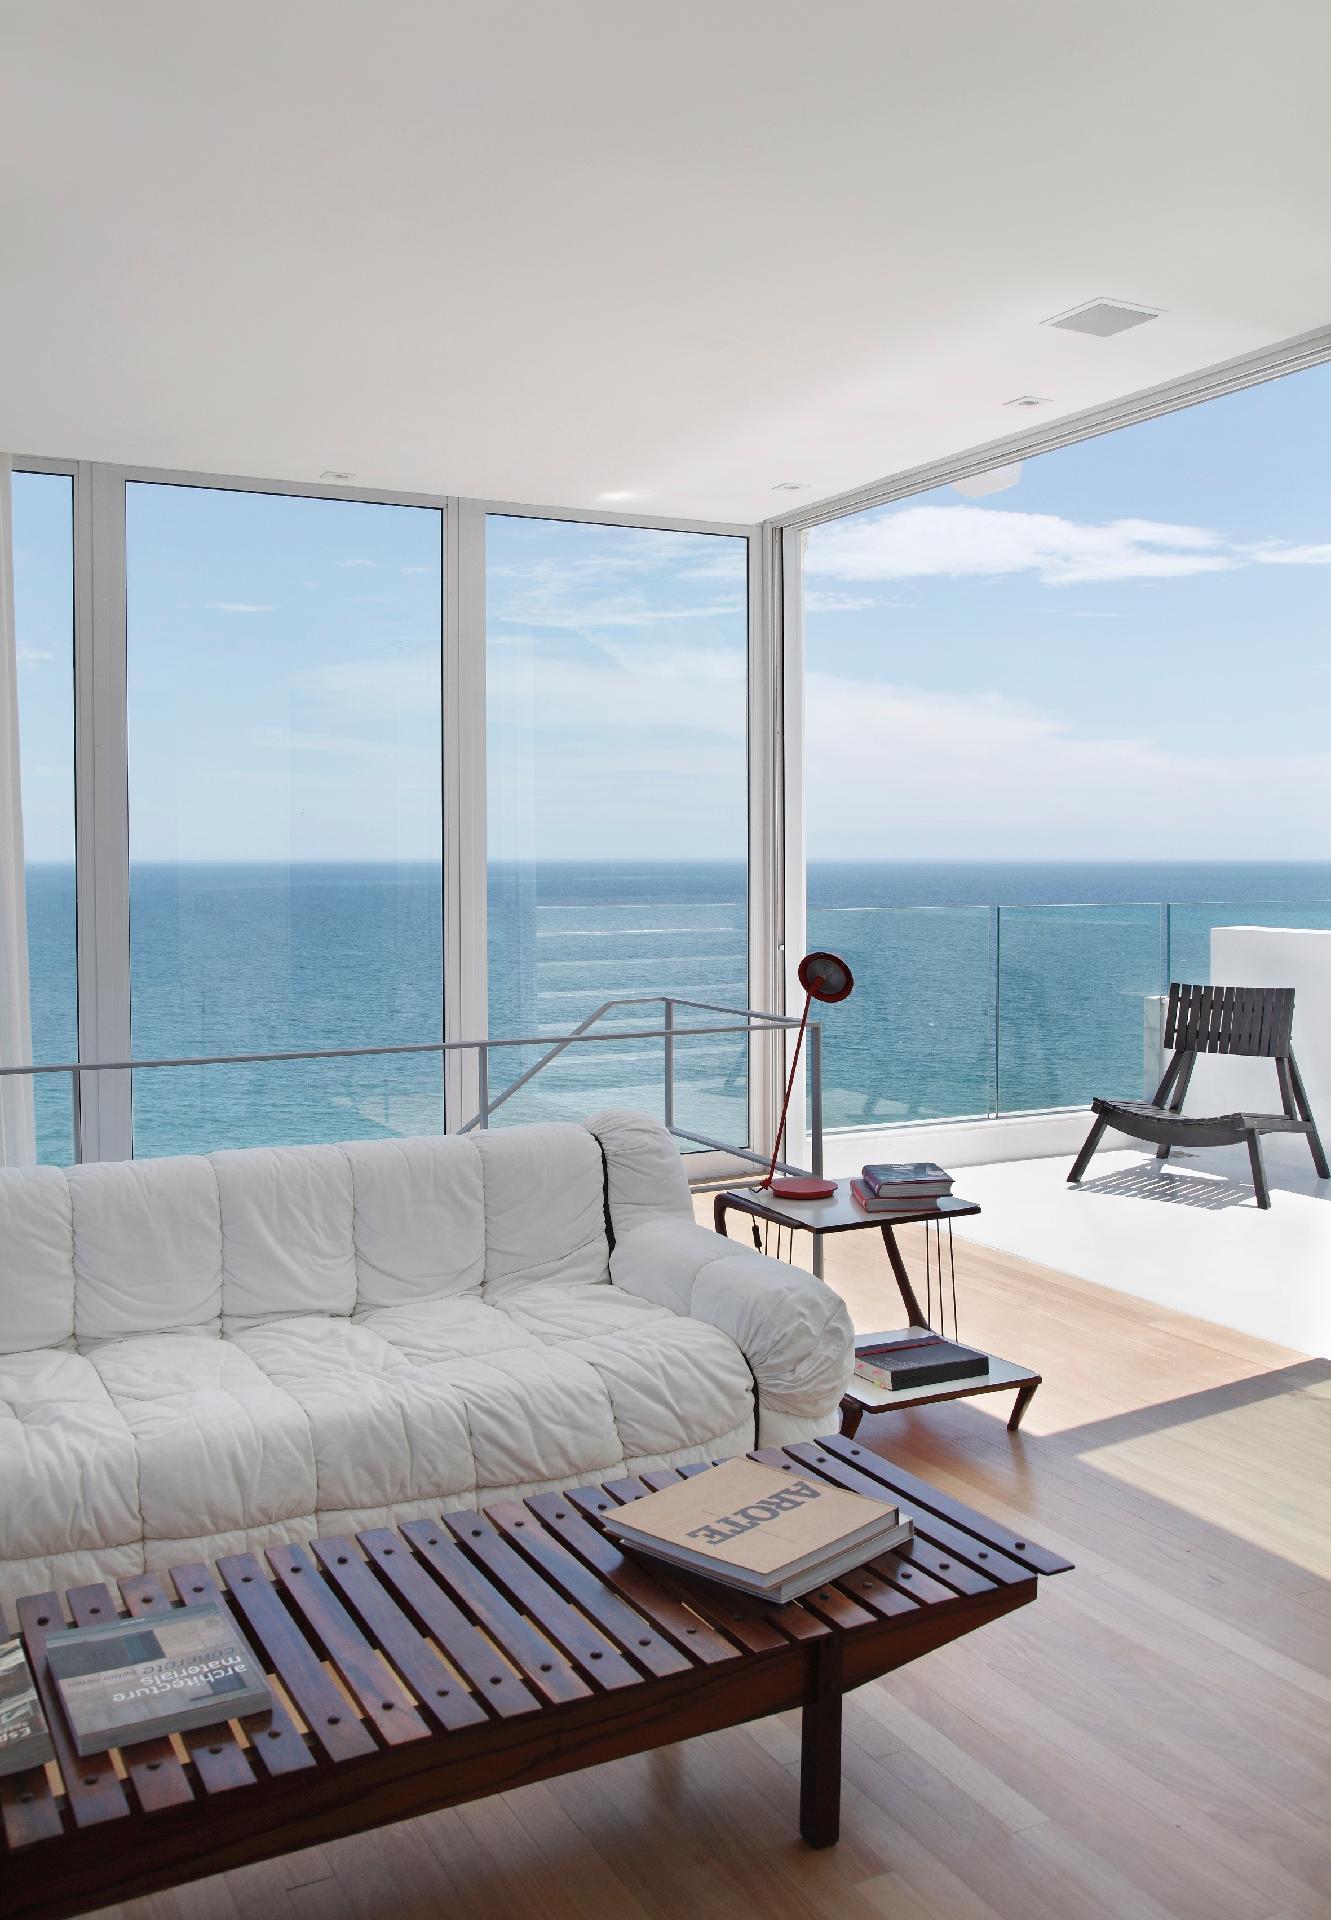 No terceiro pavimento do apartamento, no bairro de Ipanema no Rio de Janeiro (RJ), o escritório InTown projetou uma sala de estar com paredes de vidro. O ambiente com vista para o mar é decorado com o sofá branco Strips (Forma), uma peça de 1972 da arquiteta italiana Cini Boeri, e o banco em jacarandá assinado por Sergio Rodrigues